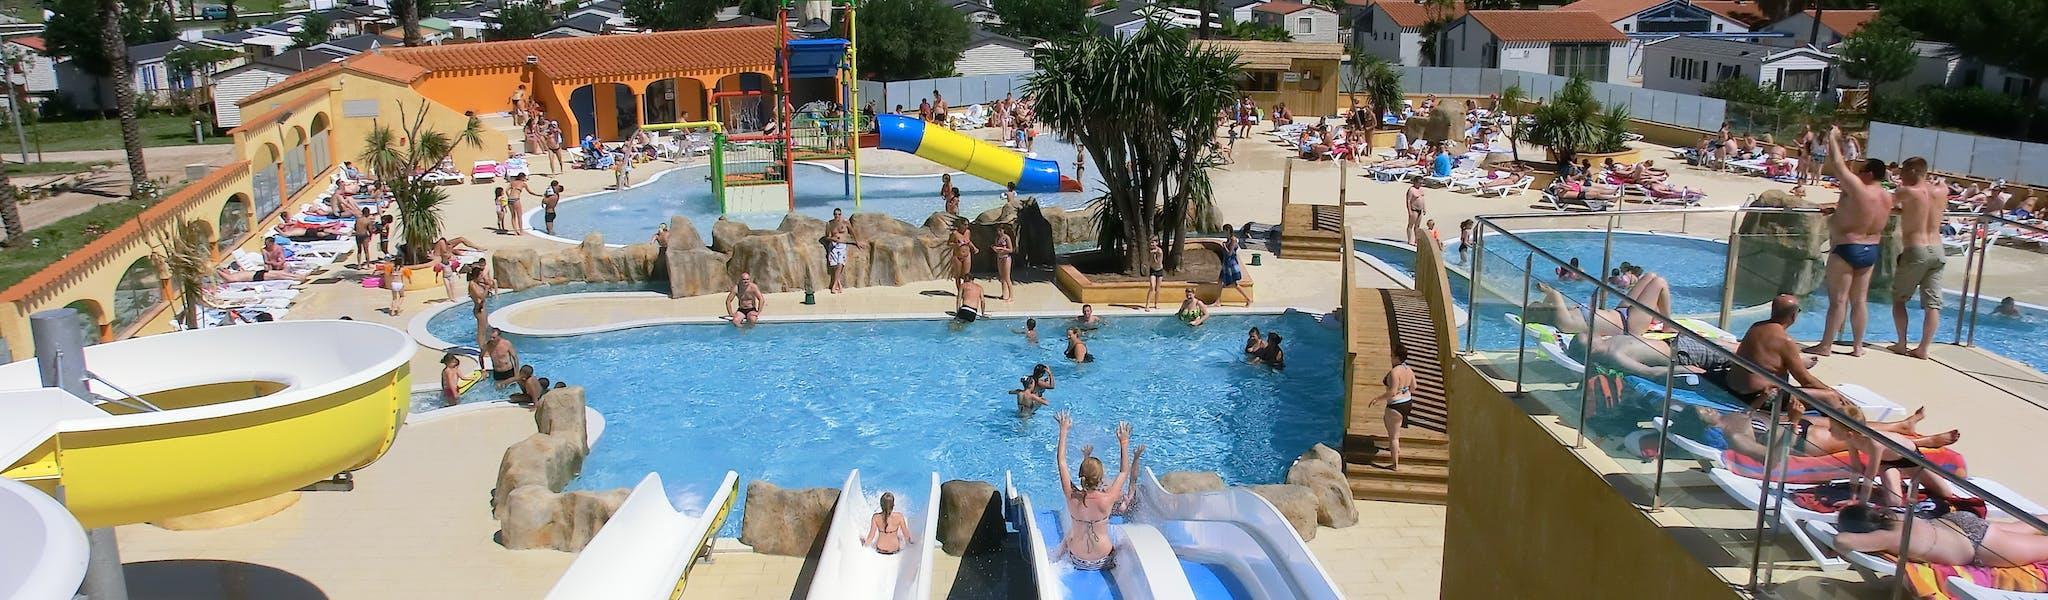 Zwembad soleil de la mediterranee